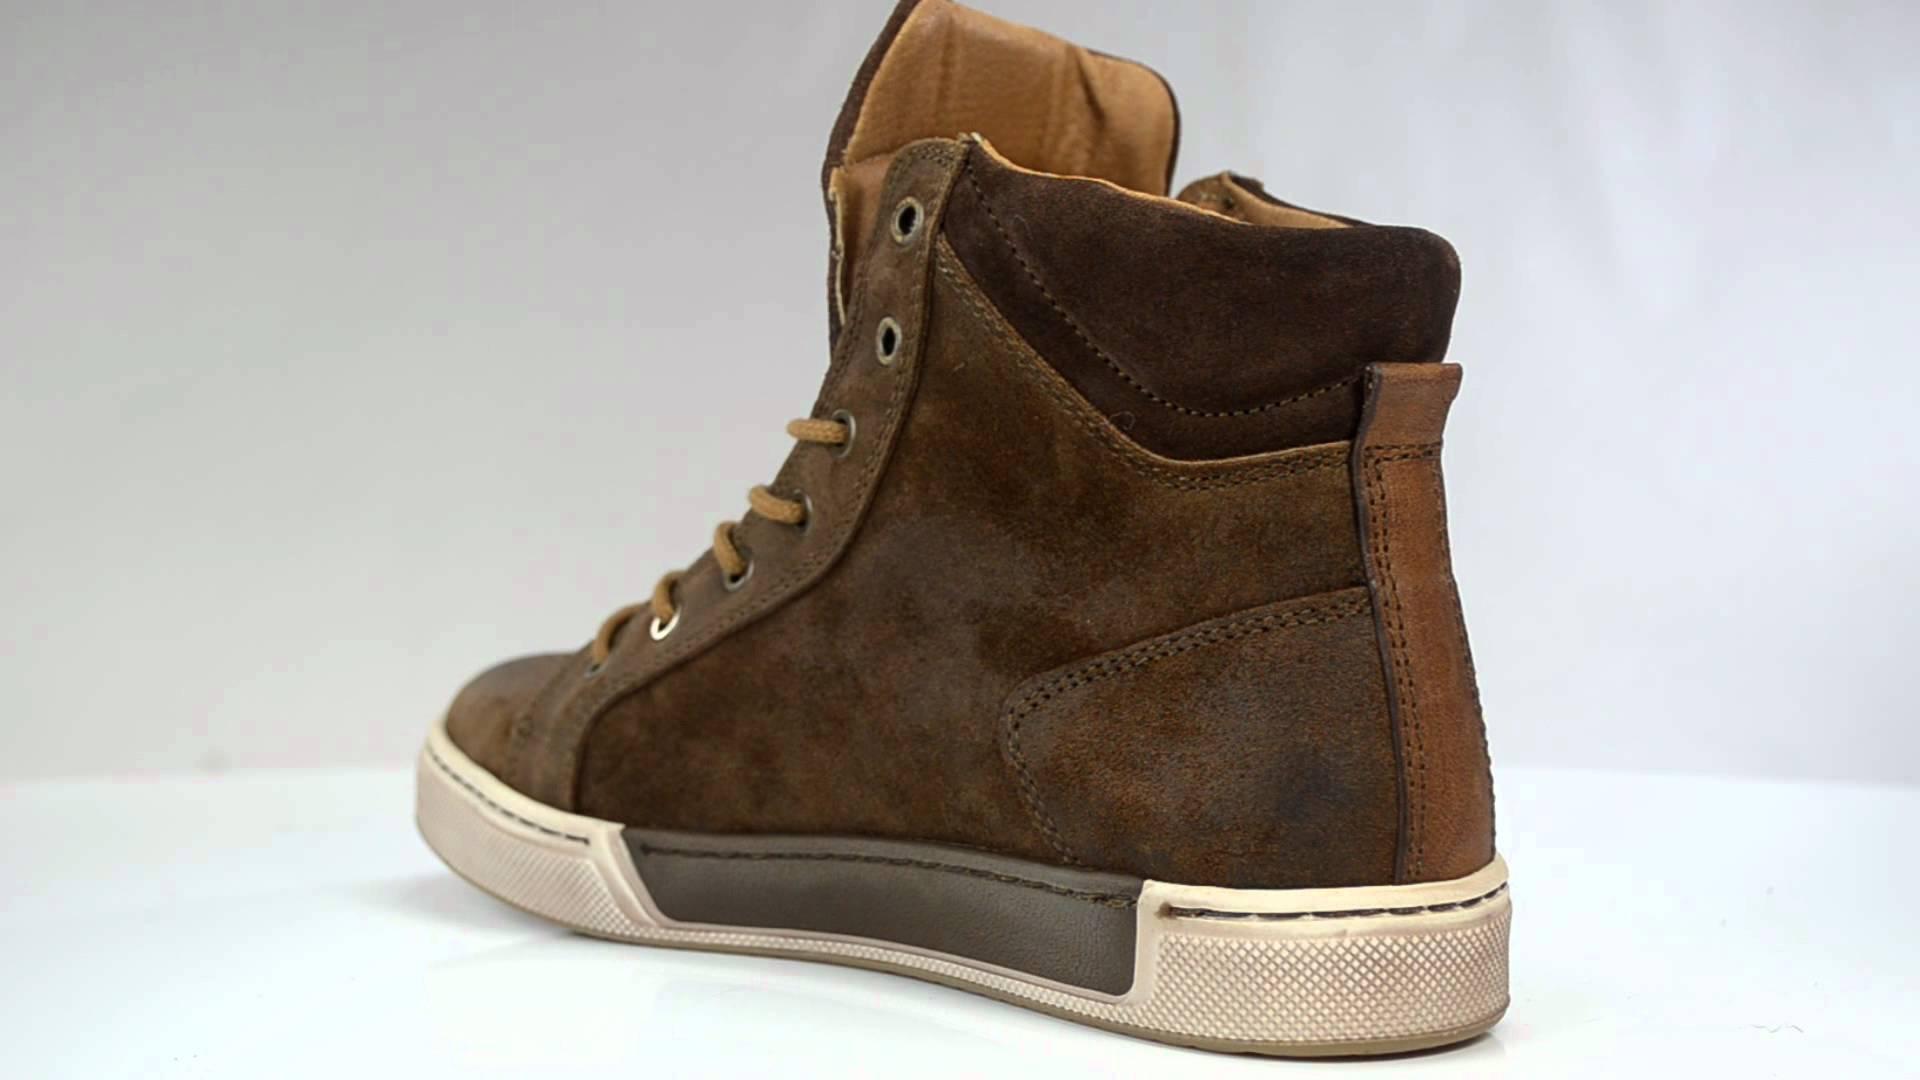 f4680f959c78 le coq sportif brown shoes Sale